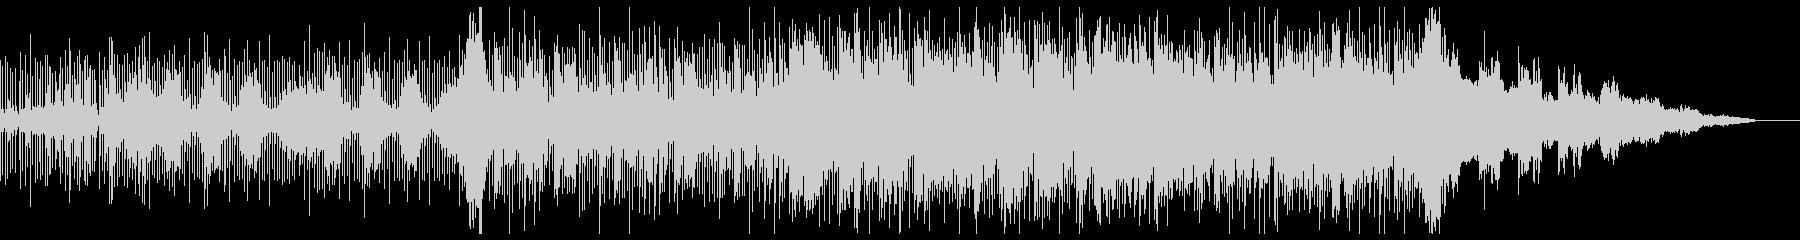 オーガニックなチル・エレクトロニカの未再生の波形